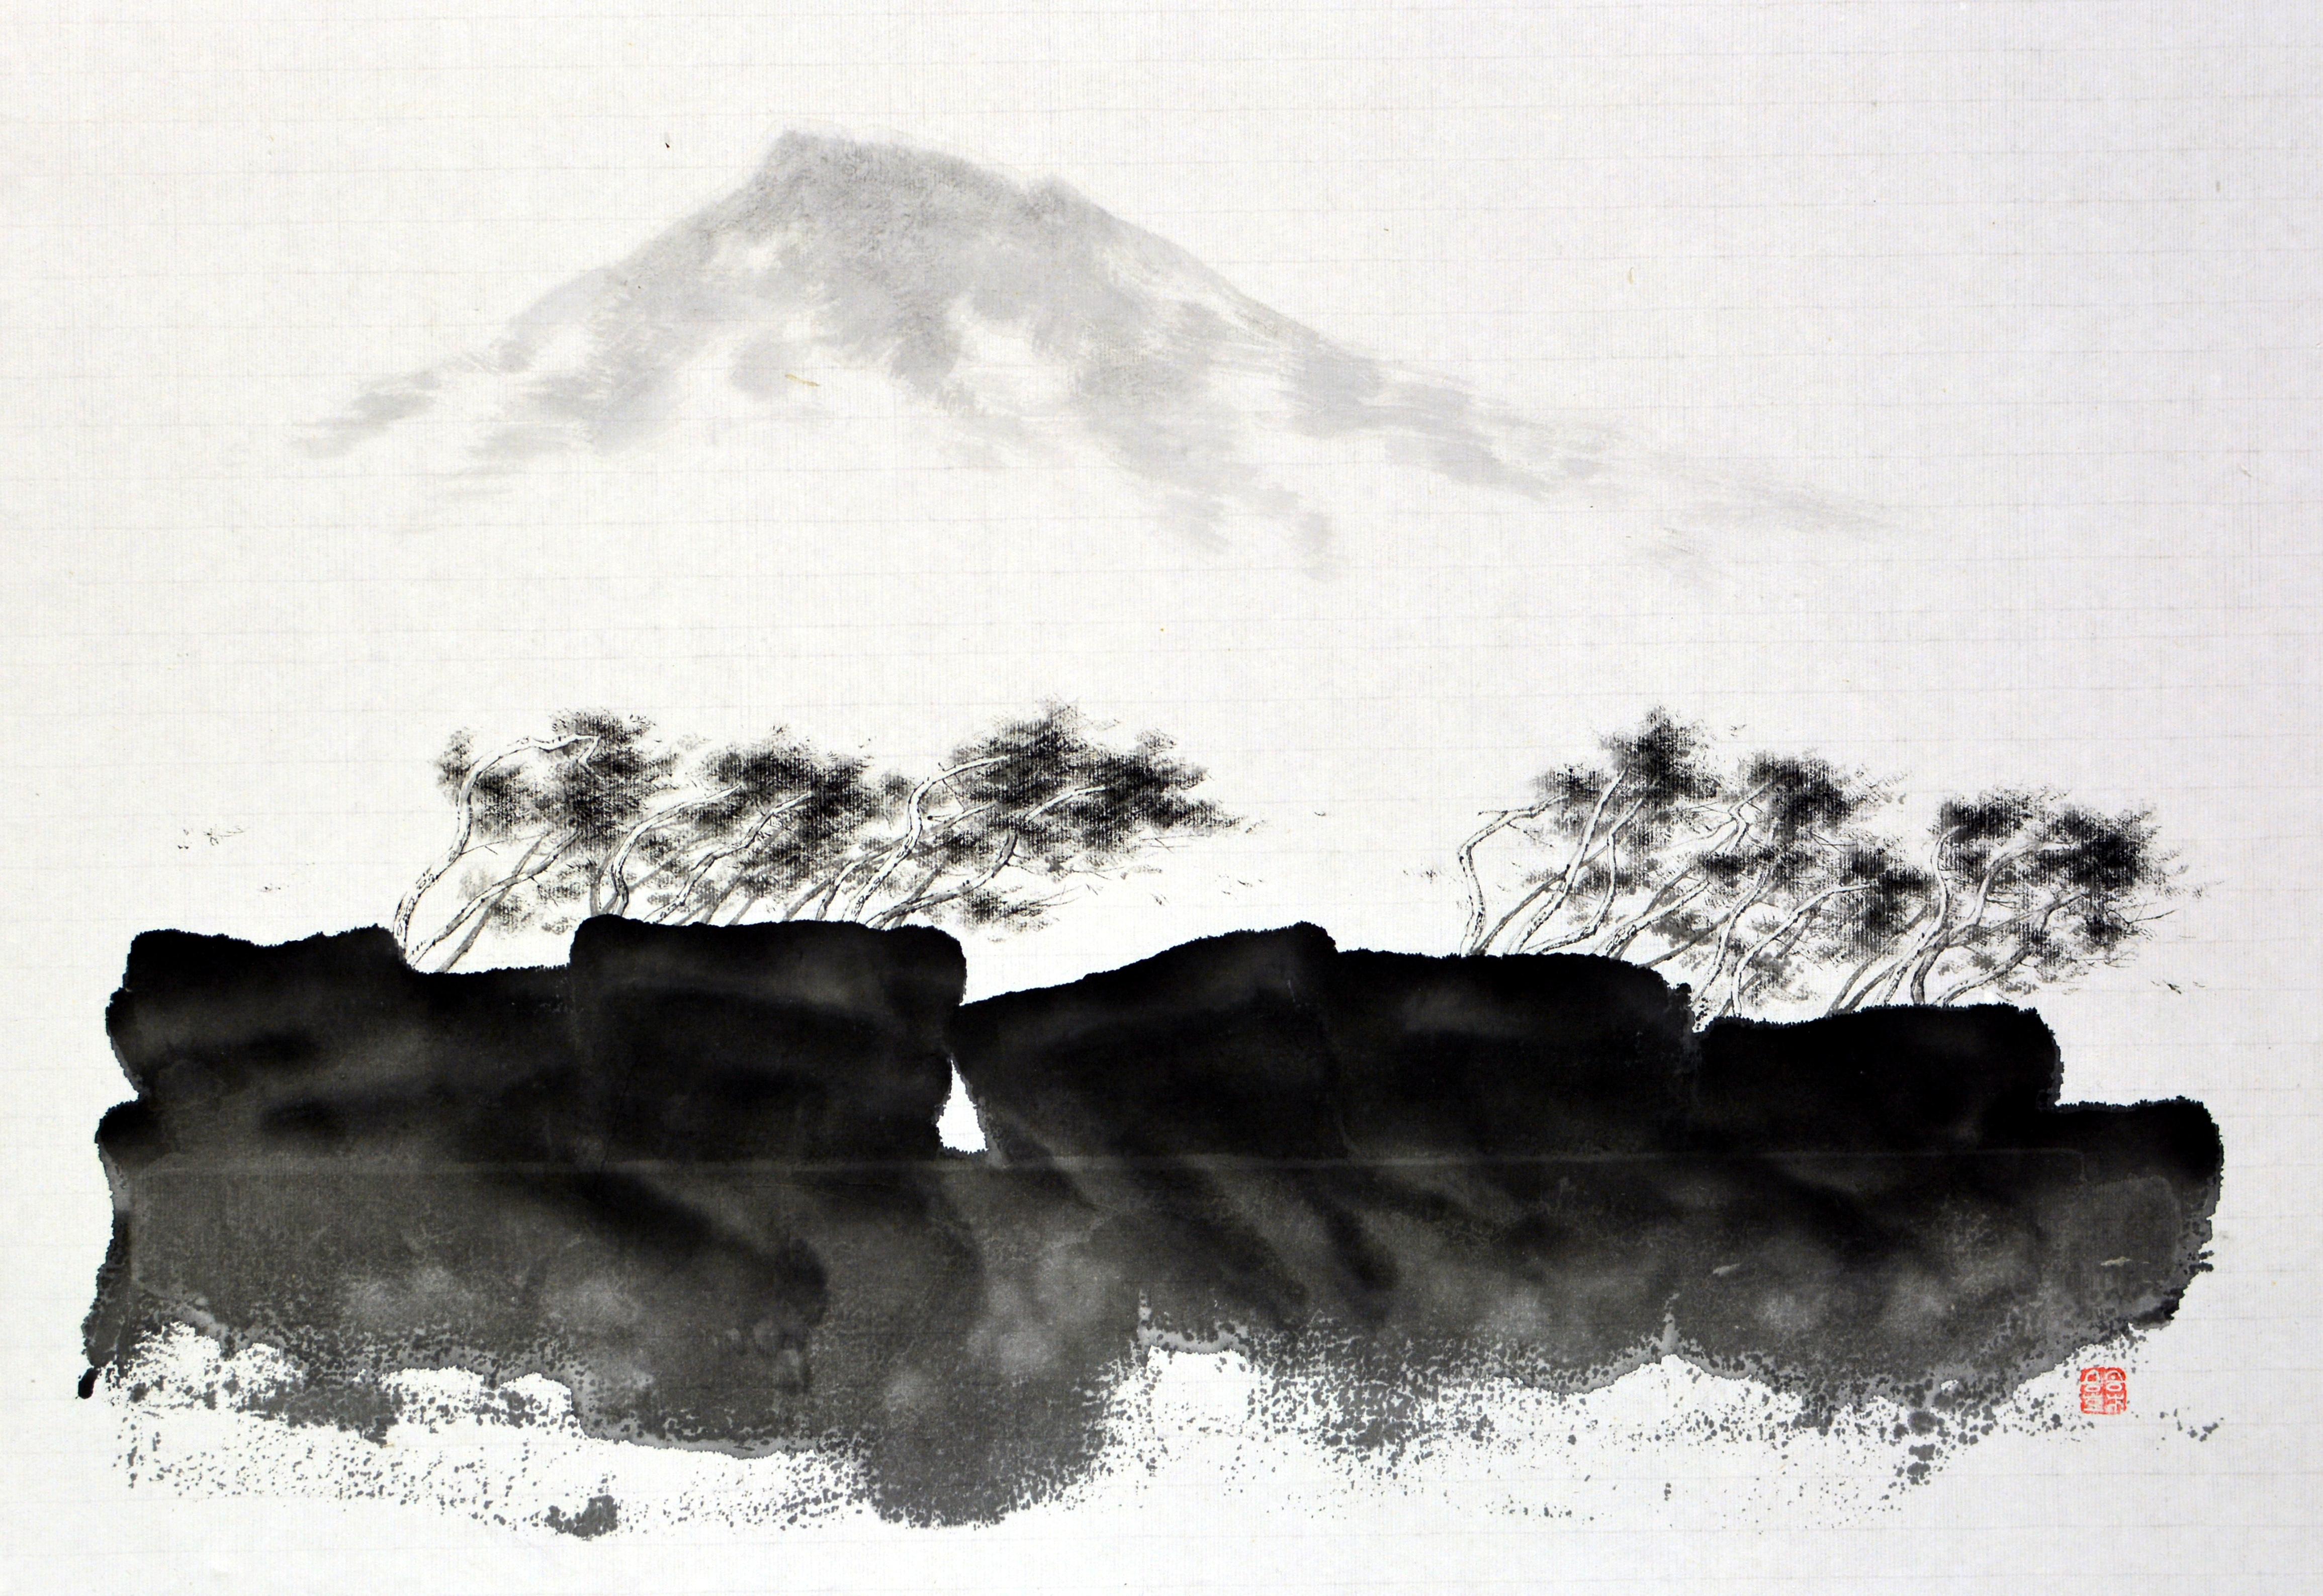 한라산이 보이는 풍경2, 65.2x45.2cm, 화선지에 수묵, 2016